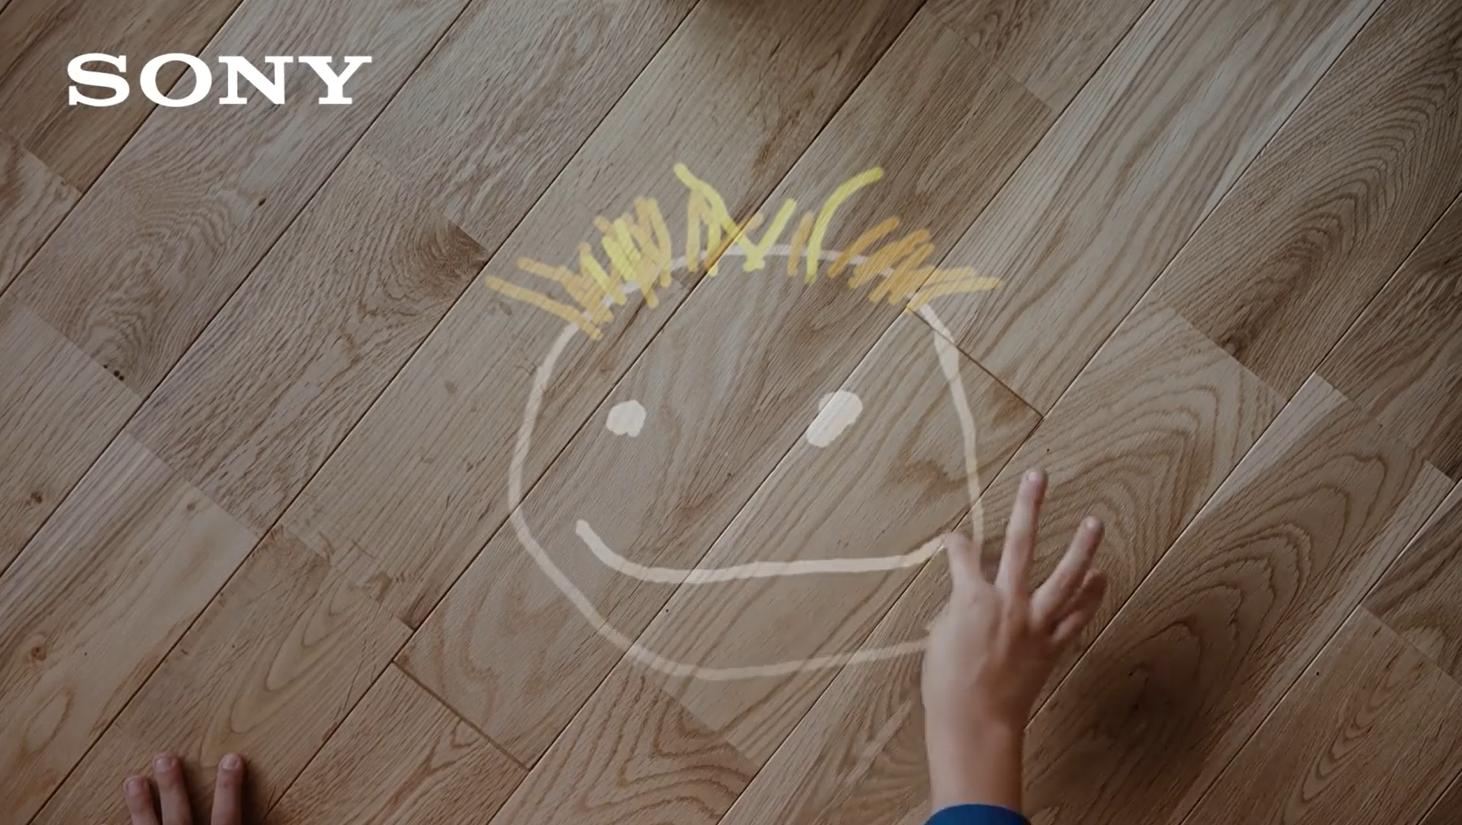 【索尼大法】Sony 最新产品—概念投影机 Xperia Touch 宣传片释出!